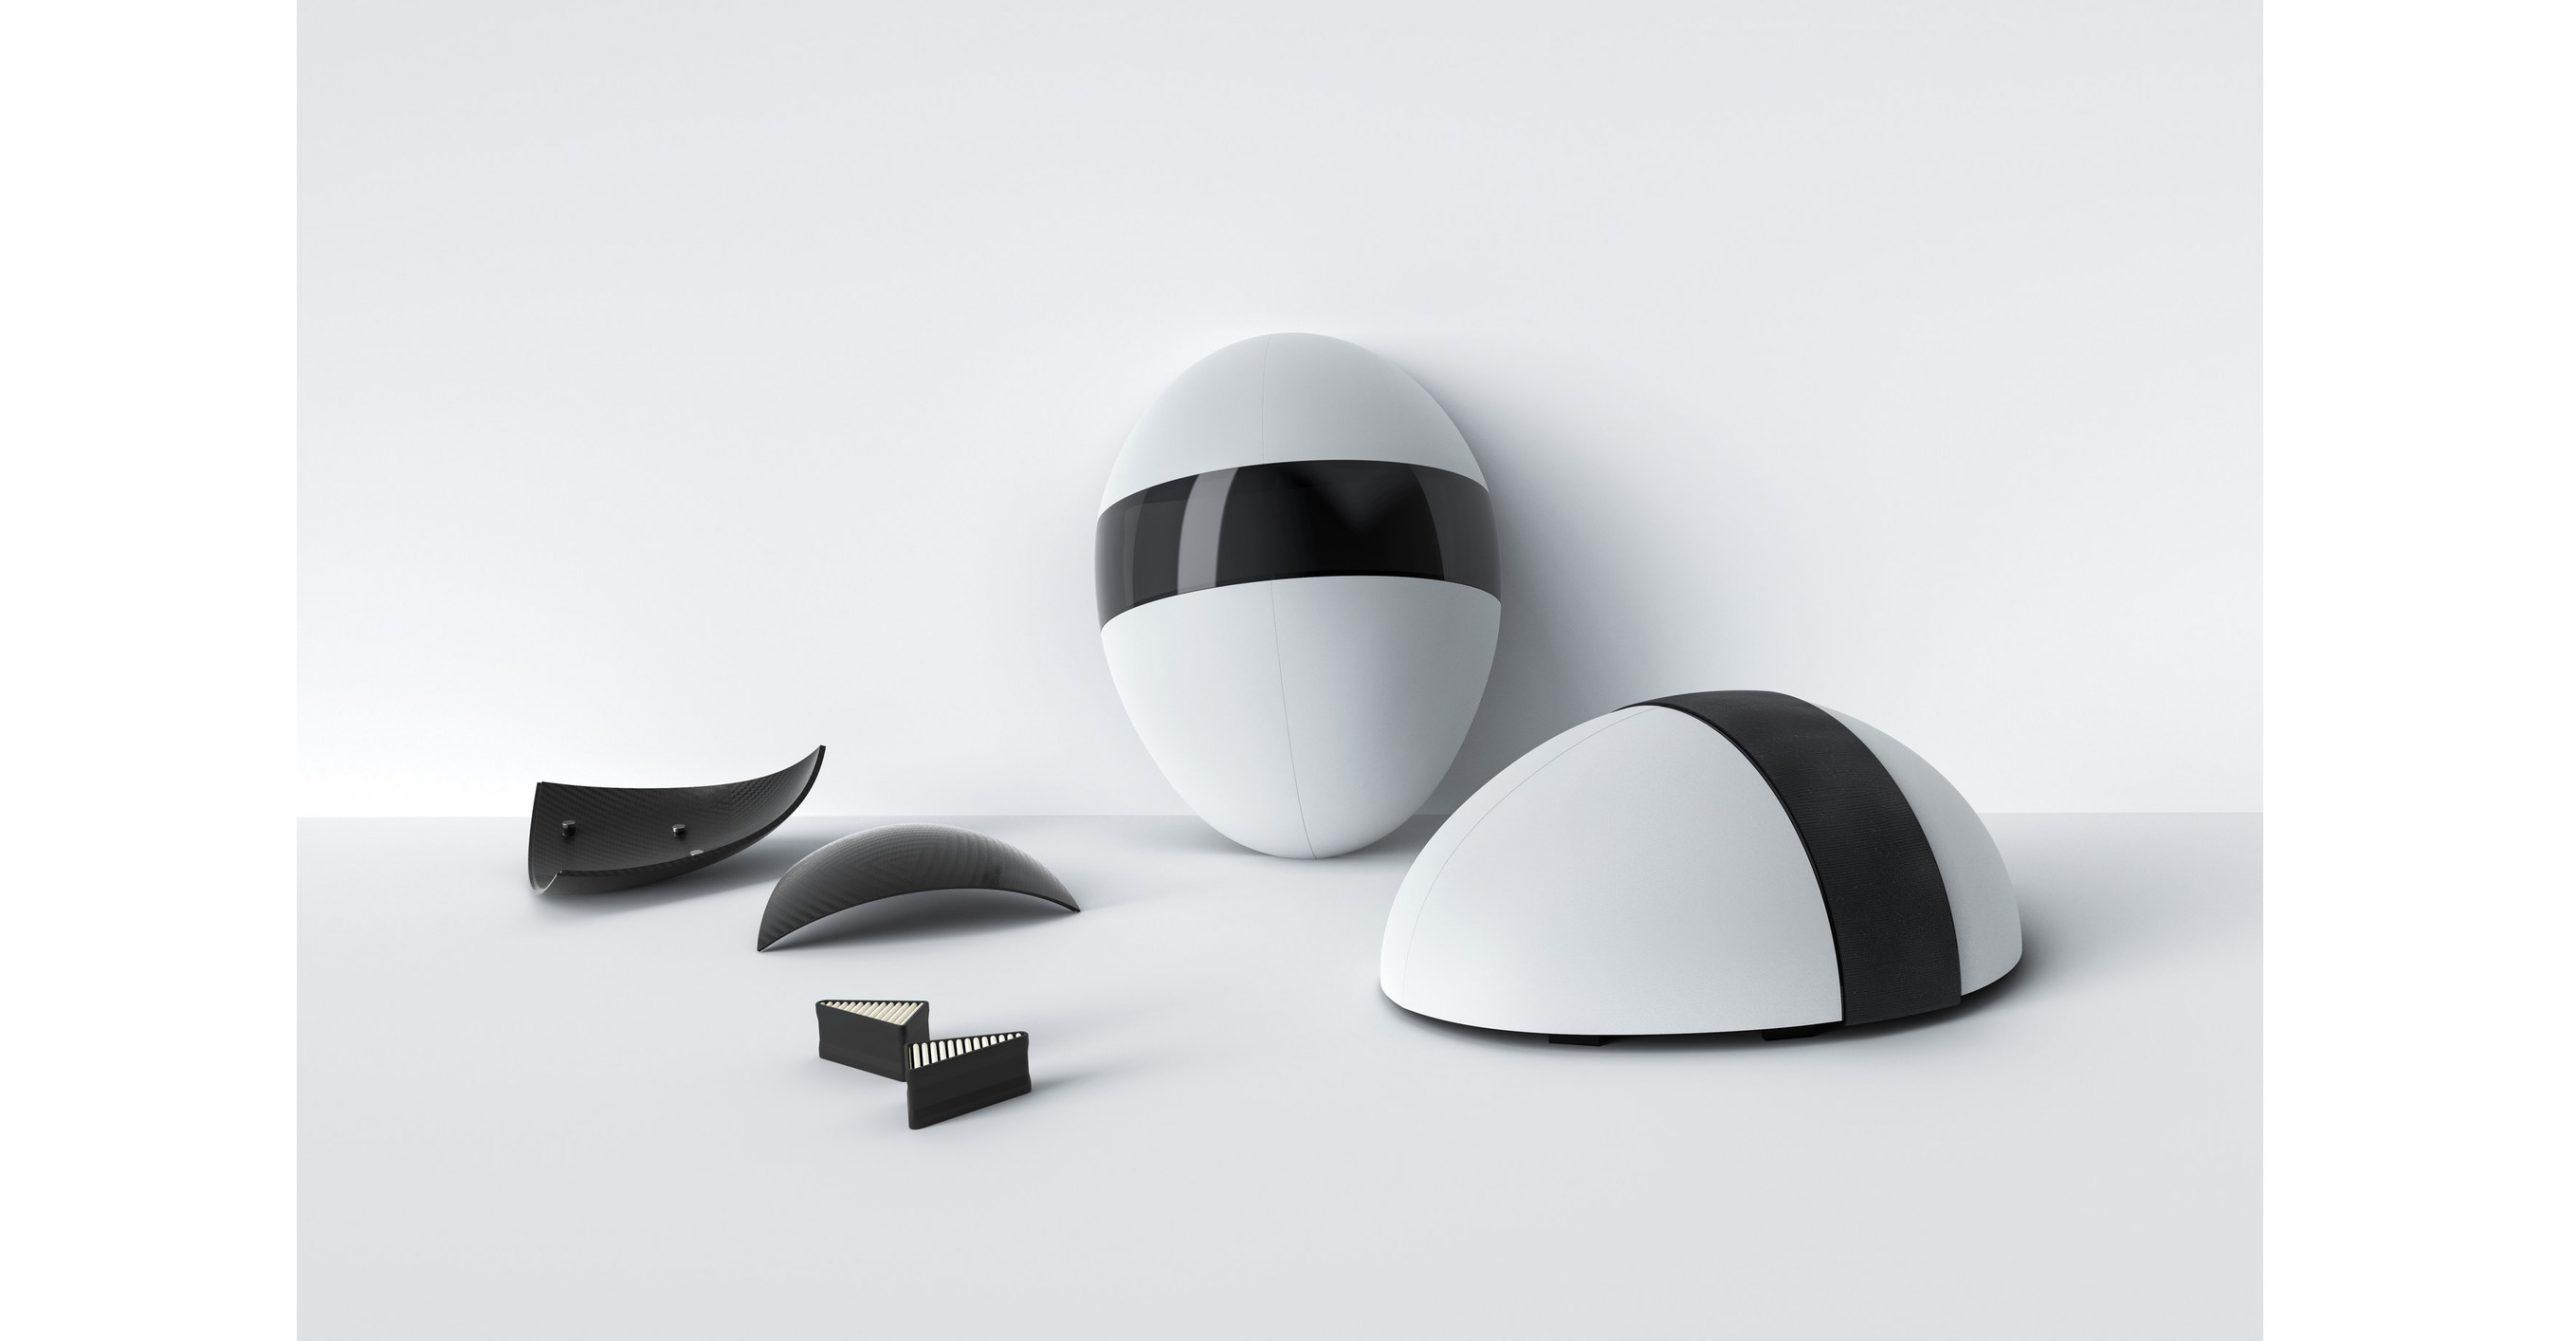 Blanc, la mascara de alta protección con estilo futurista